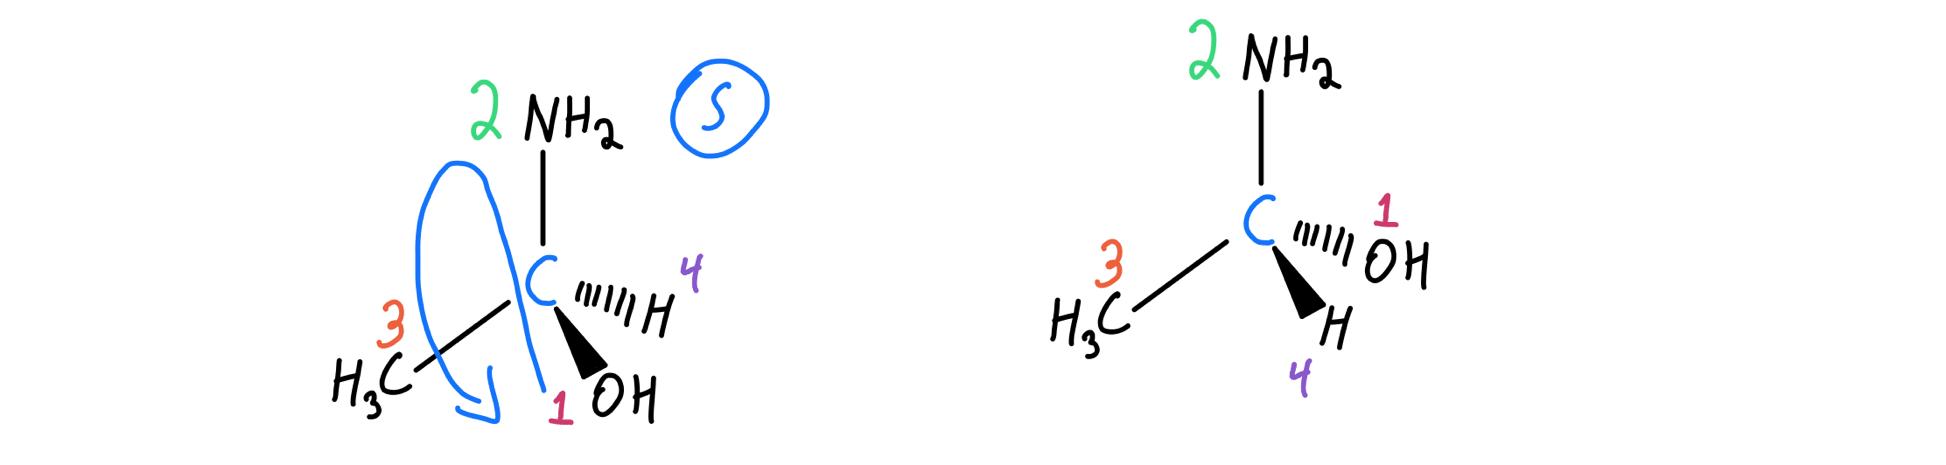 1-aminoethanal